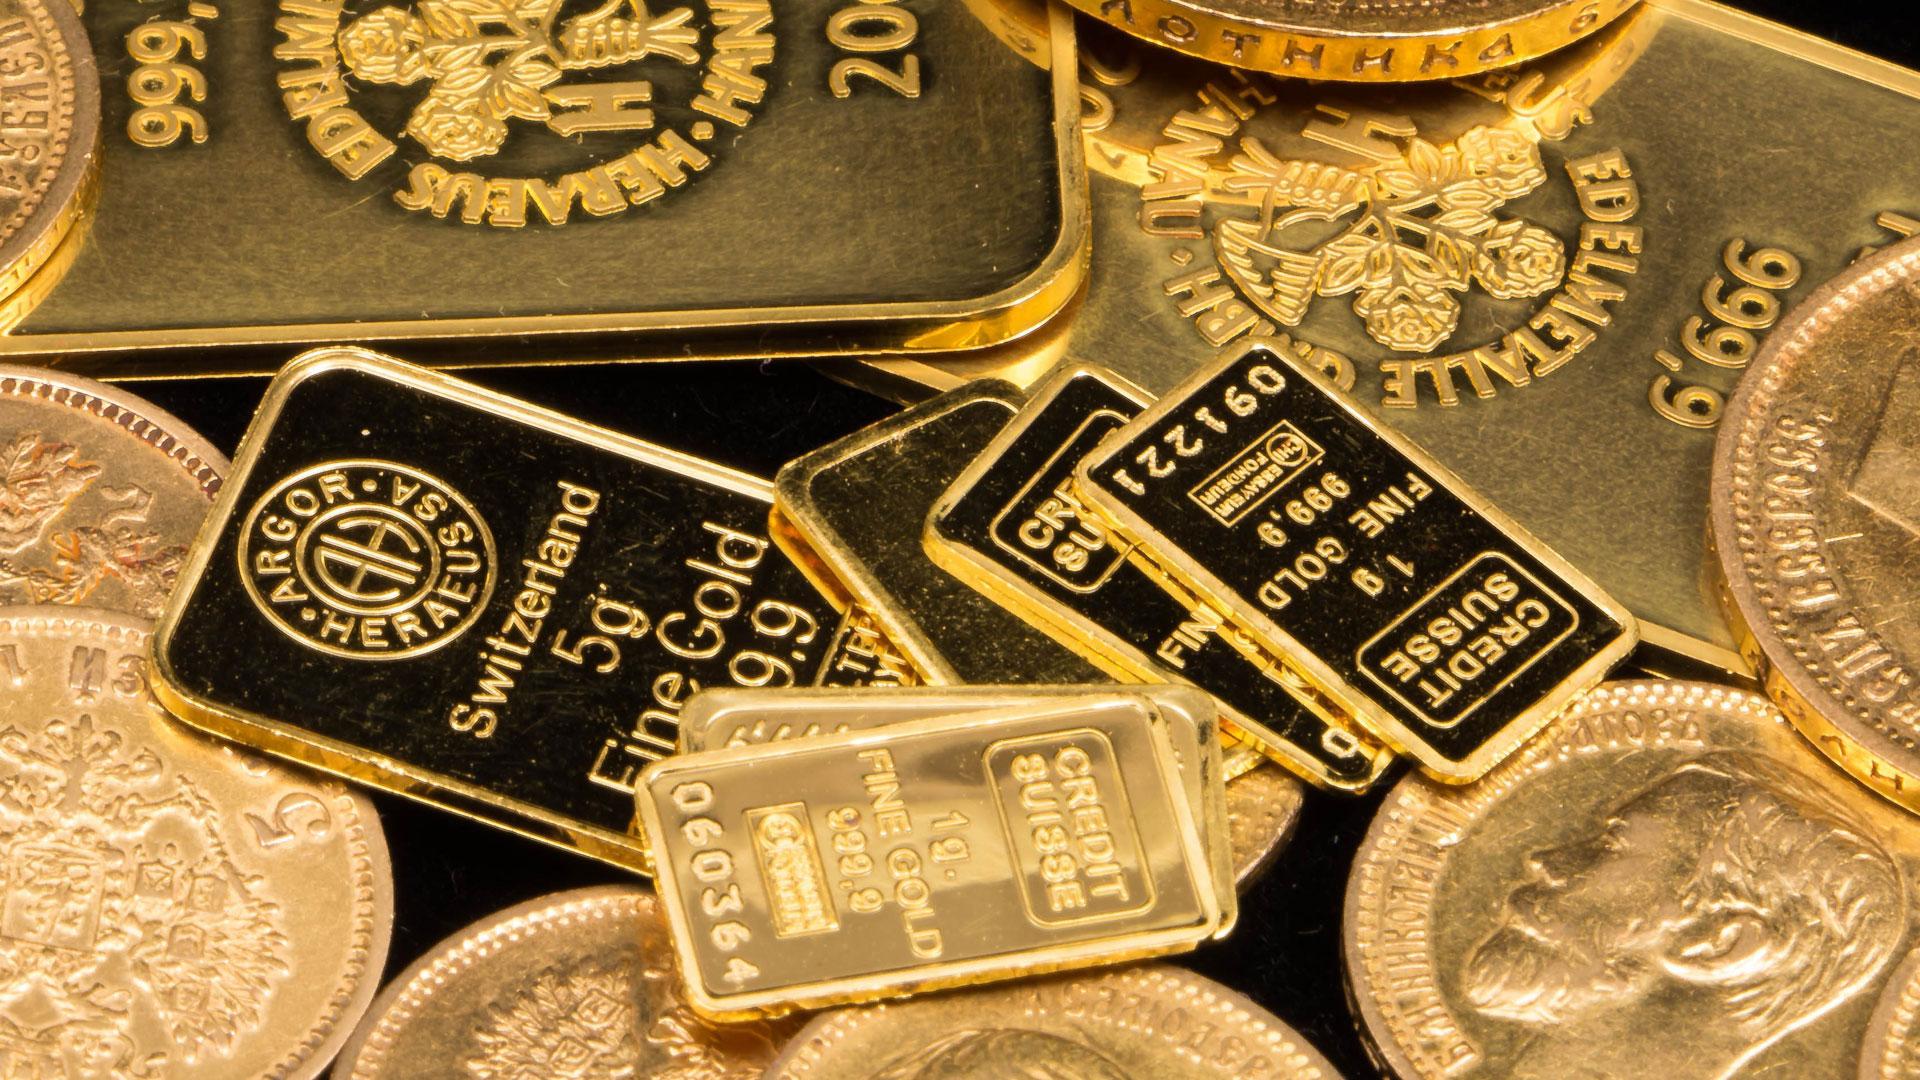 Bussler Gold